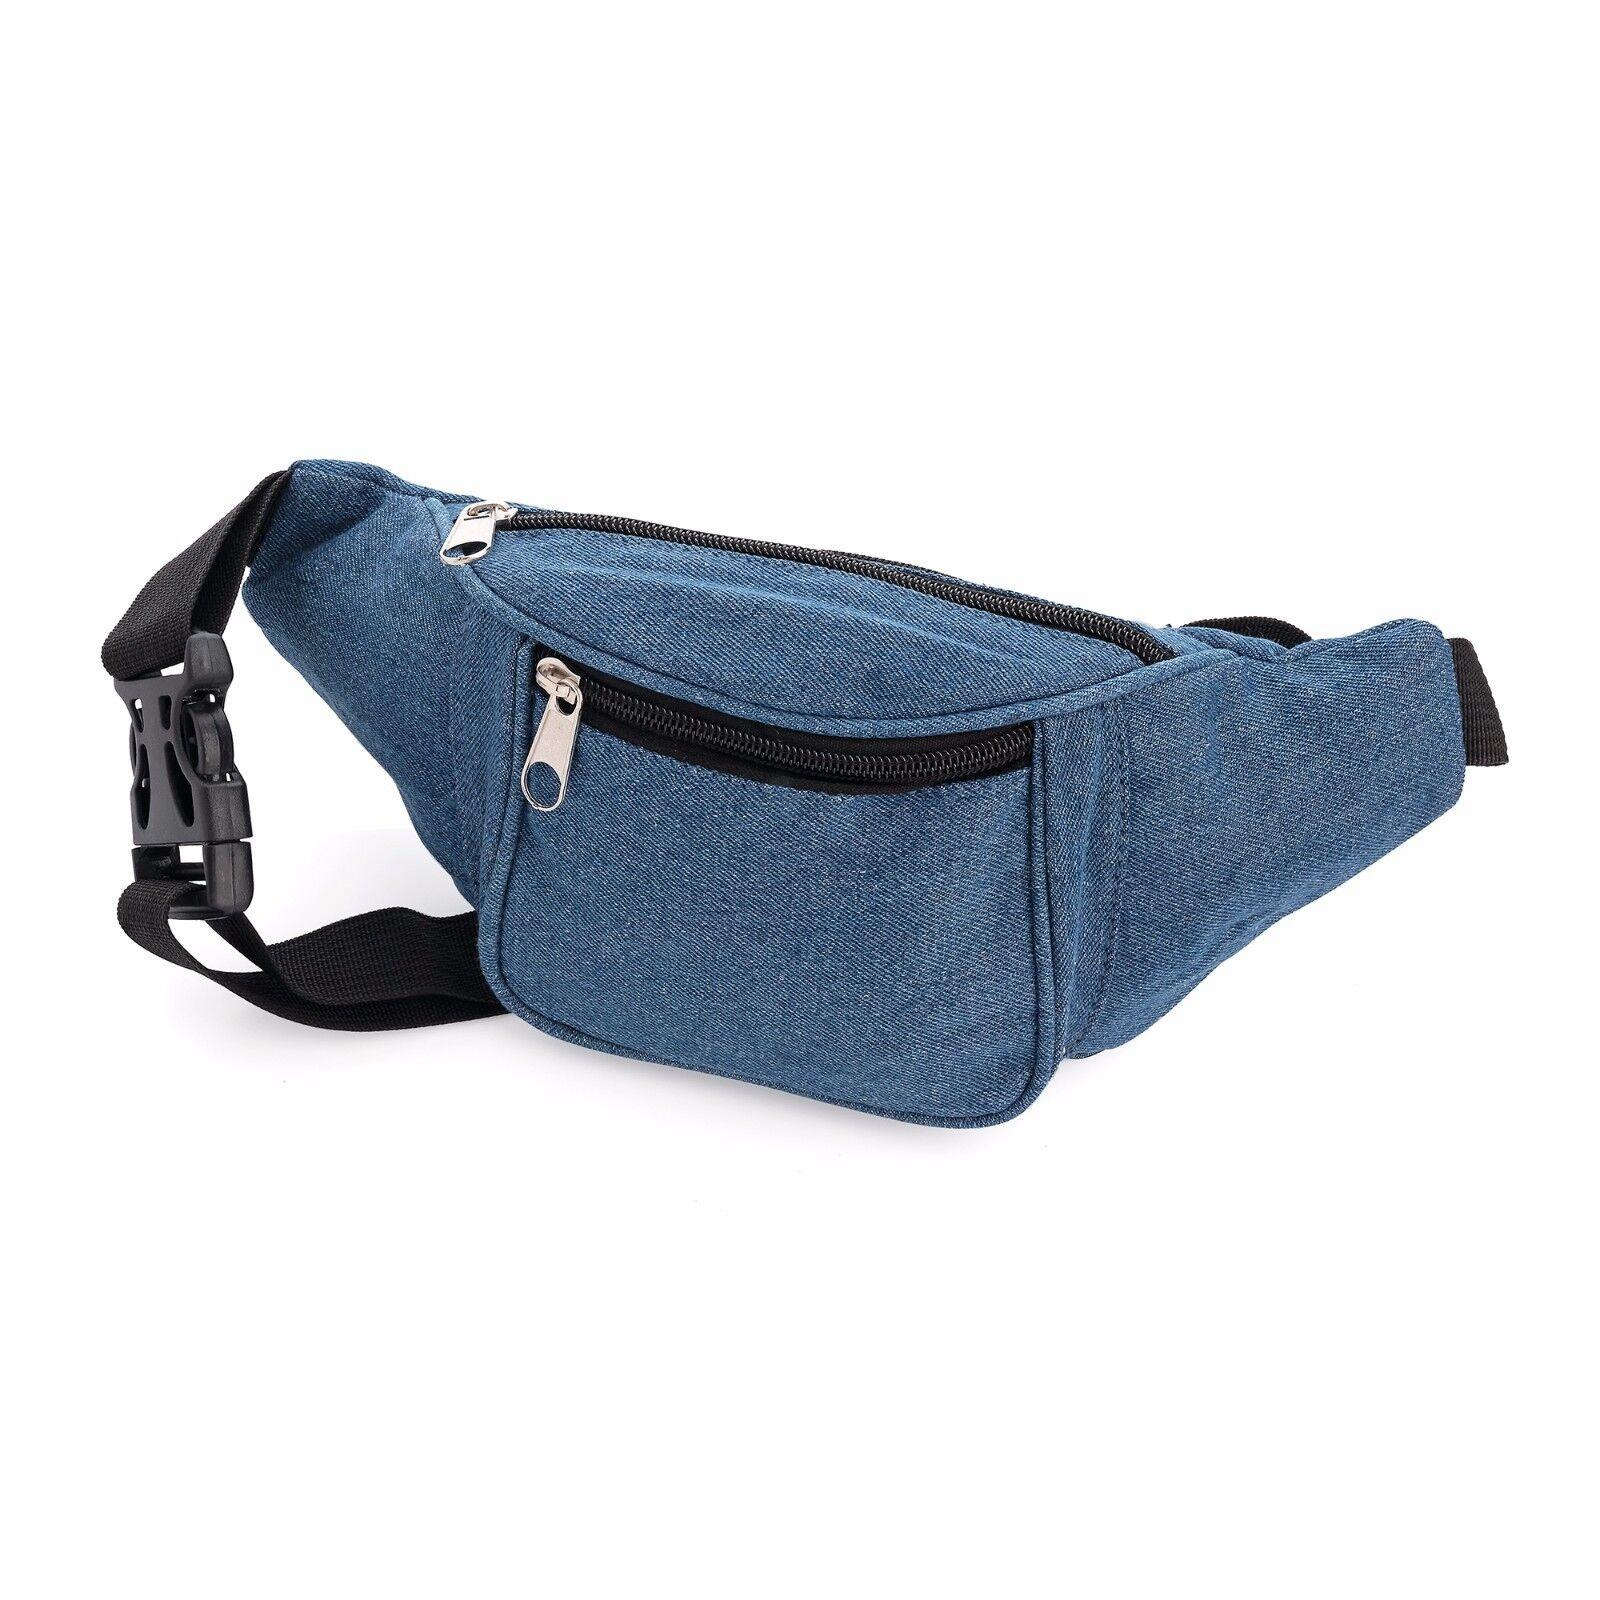 Medium Blue Blue Blue Denim Toile Bum Sac Fanny Pack Festival Vacances Argent Accessoires 5fdb61